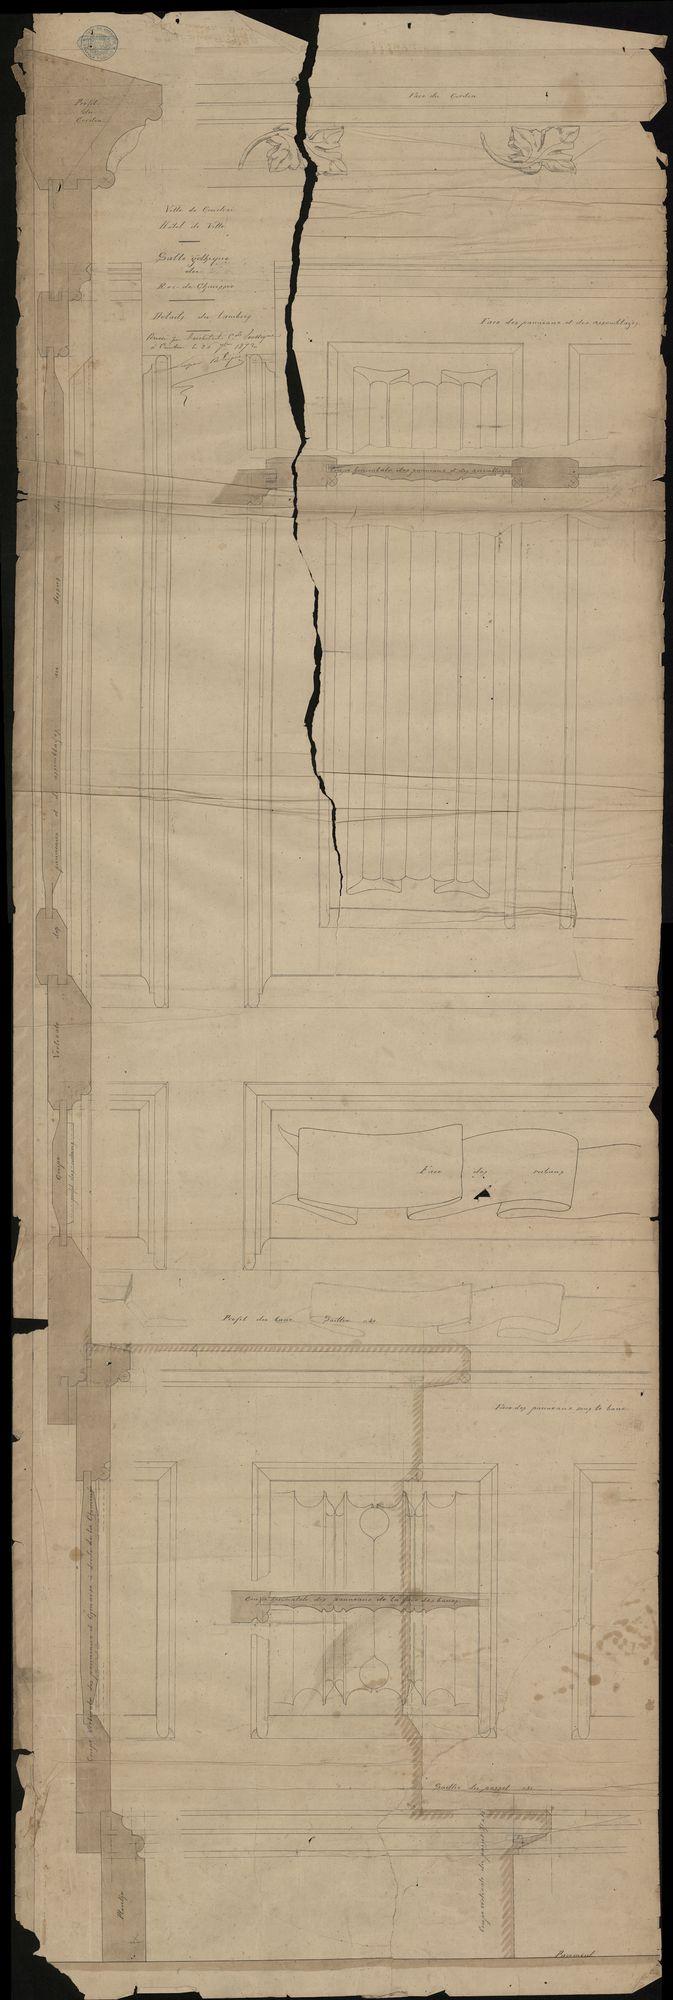 Plattegronden i.v.m. de binneninrichting van het stadhuis te Kortrijk, o.a. de gotische zaal, 1872-1875